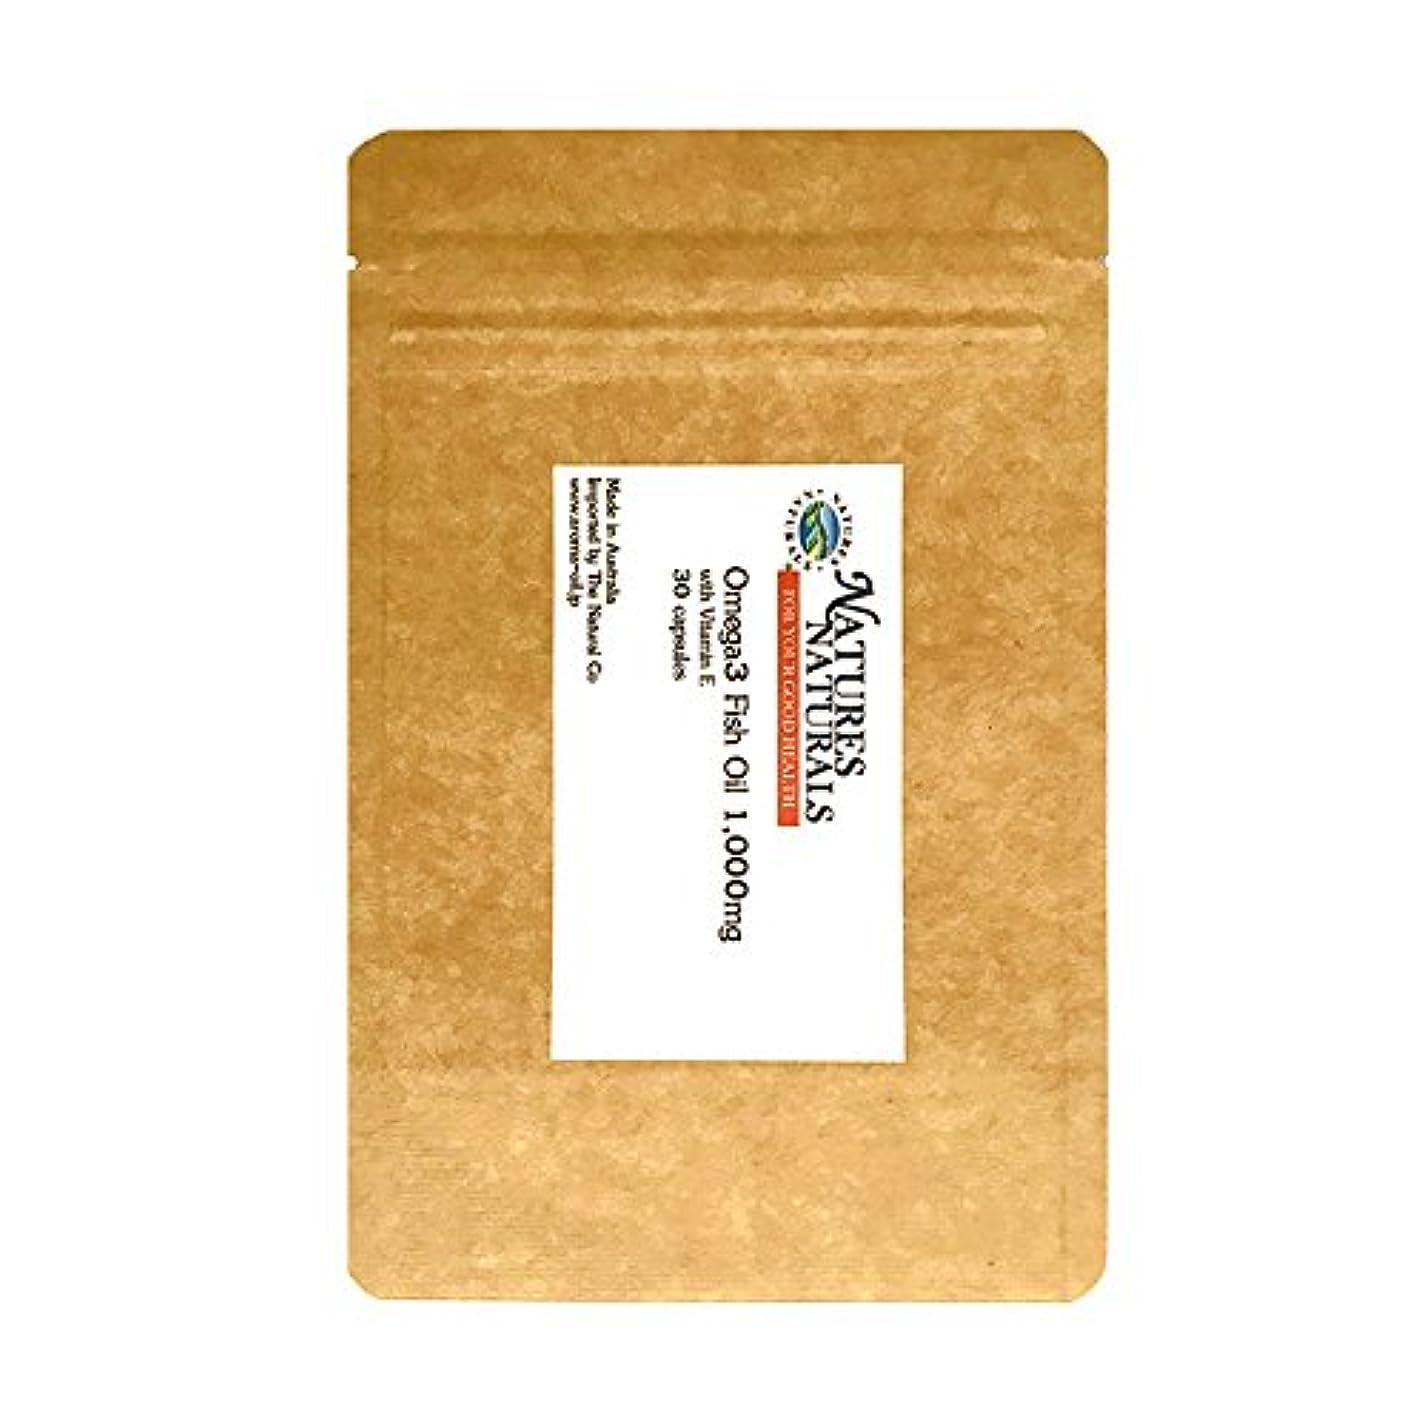 事前治世コイルオメガ3 ビタミンE配合/DHA EPA 1,000mg オーストラリア産サプリメント/30錠 約1ヶ月分